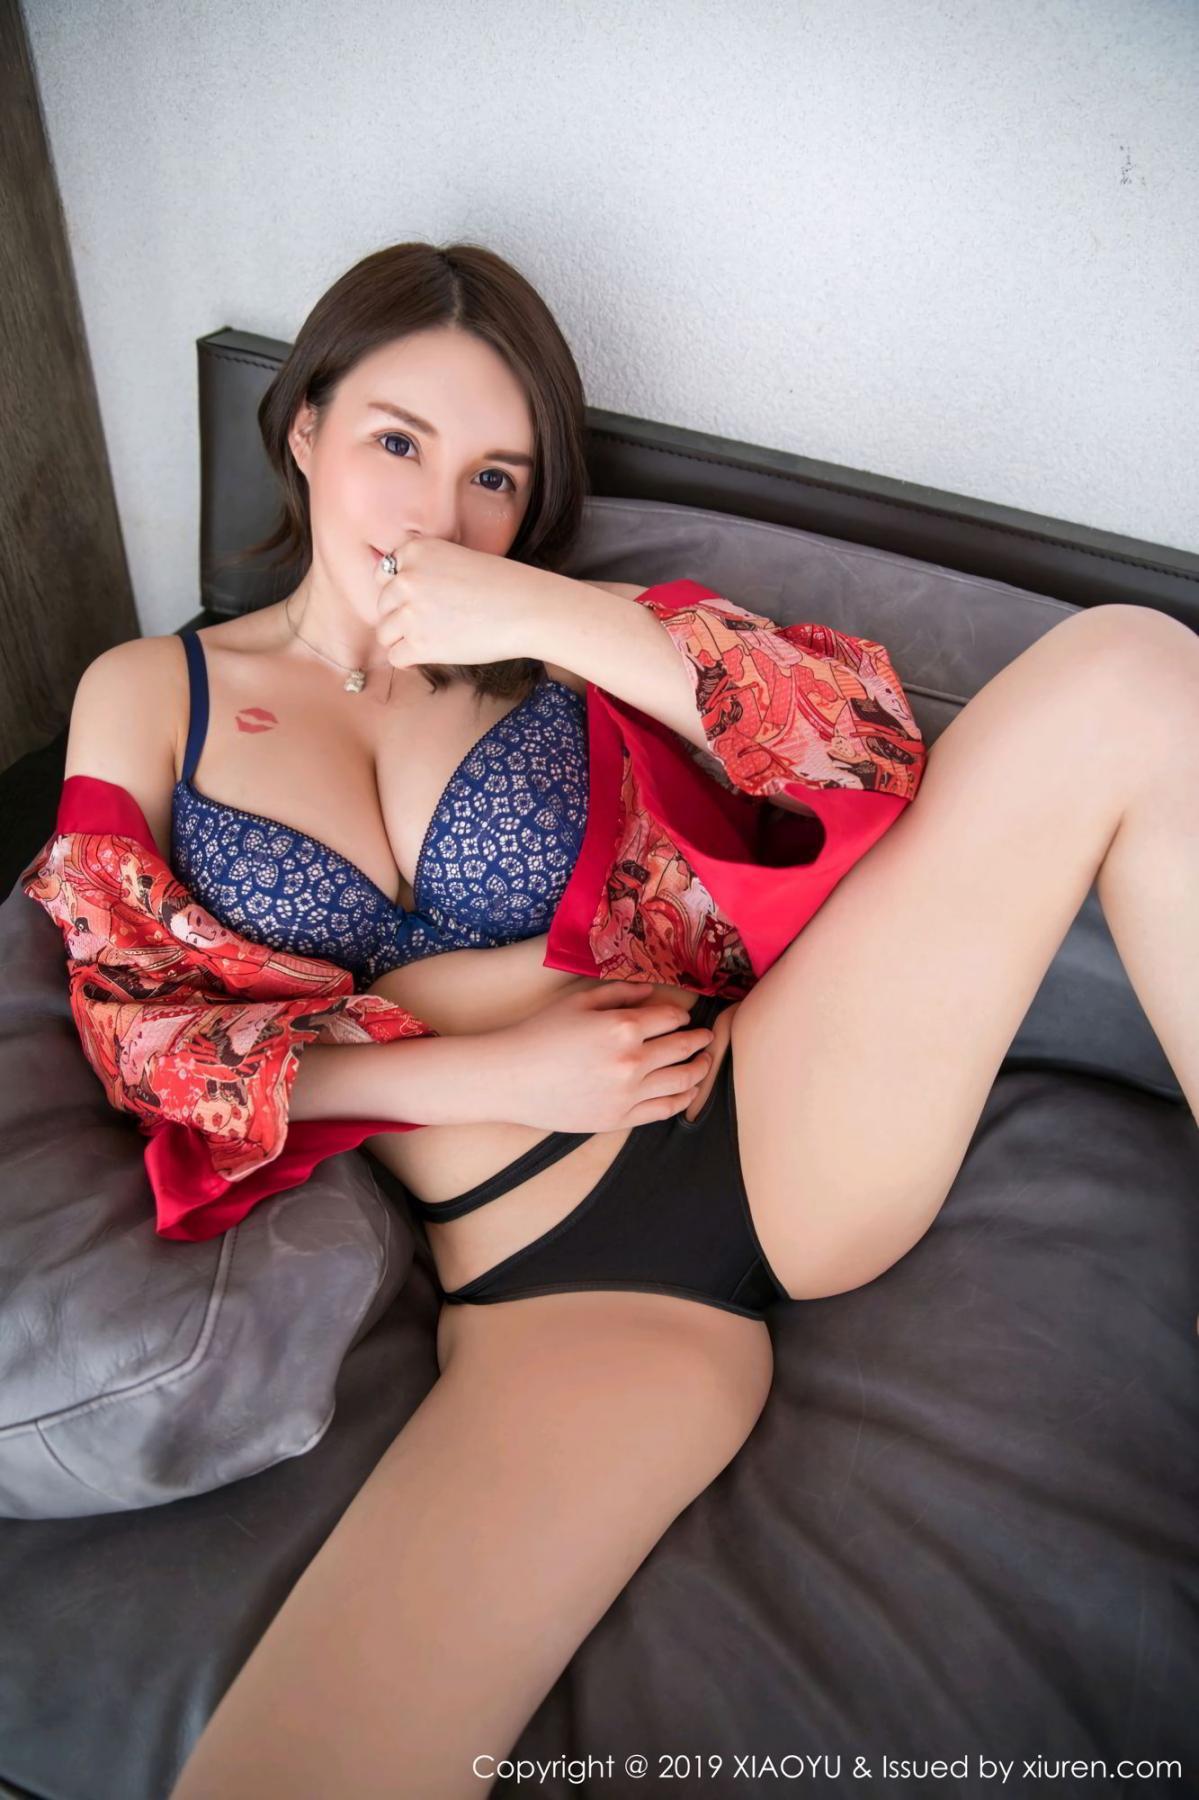 [XiaoYu] Vol.137 Shen Mi Tao 28P, Kimono, Shen Mi Tao, Underwear, XiaoYu